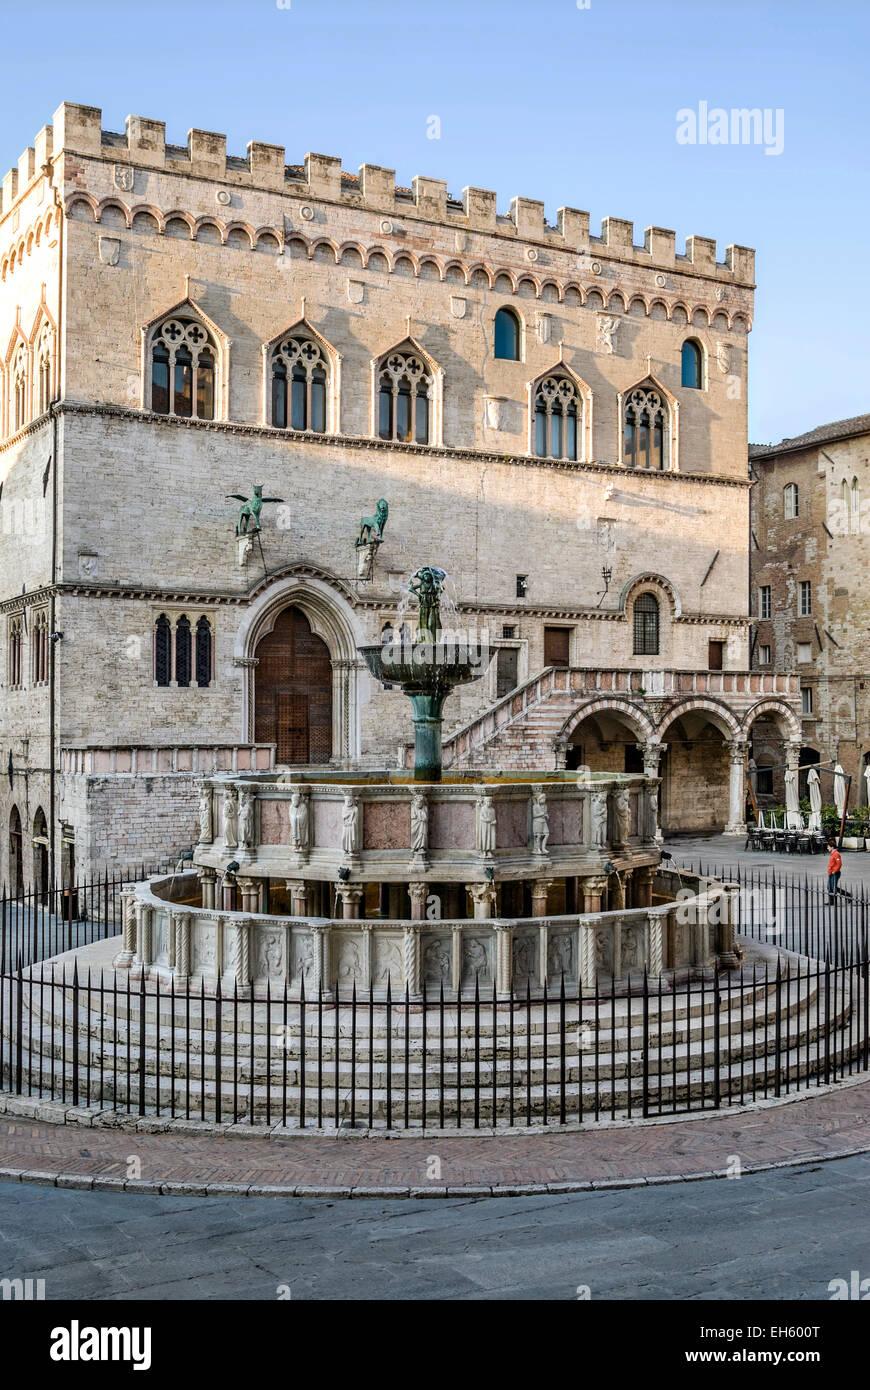 Fontana Maggiore Fountain in front of Palazzo dei Priori, Perugia, Umbria, Italy   Springbrunnen, Perugia, Umbrien, Stock Photo